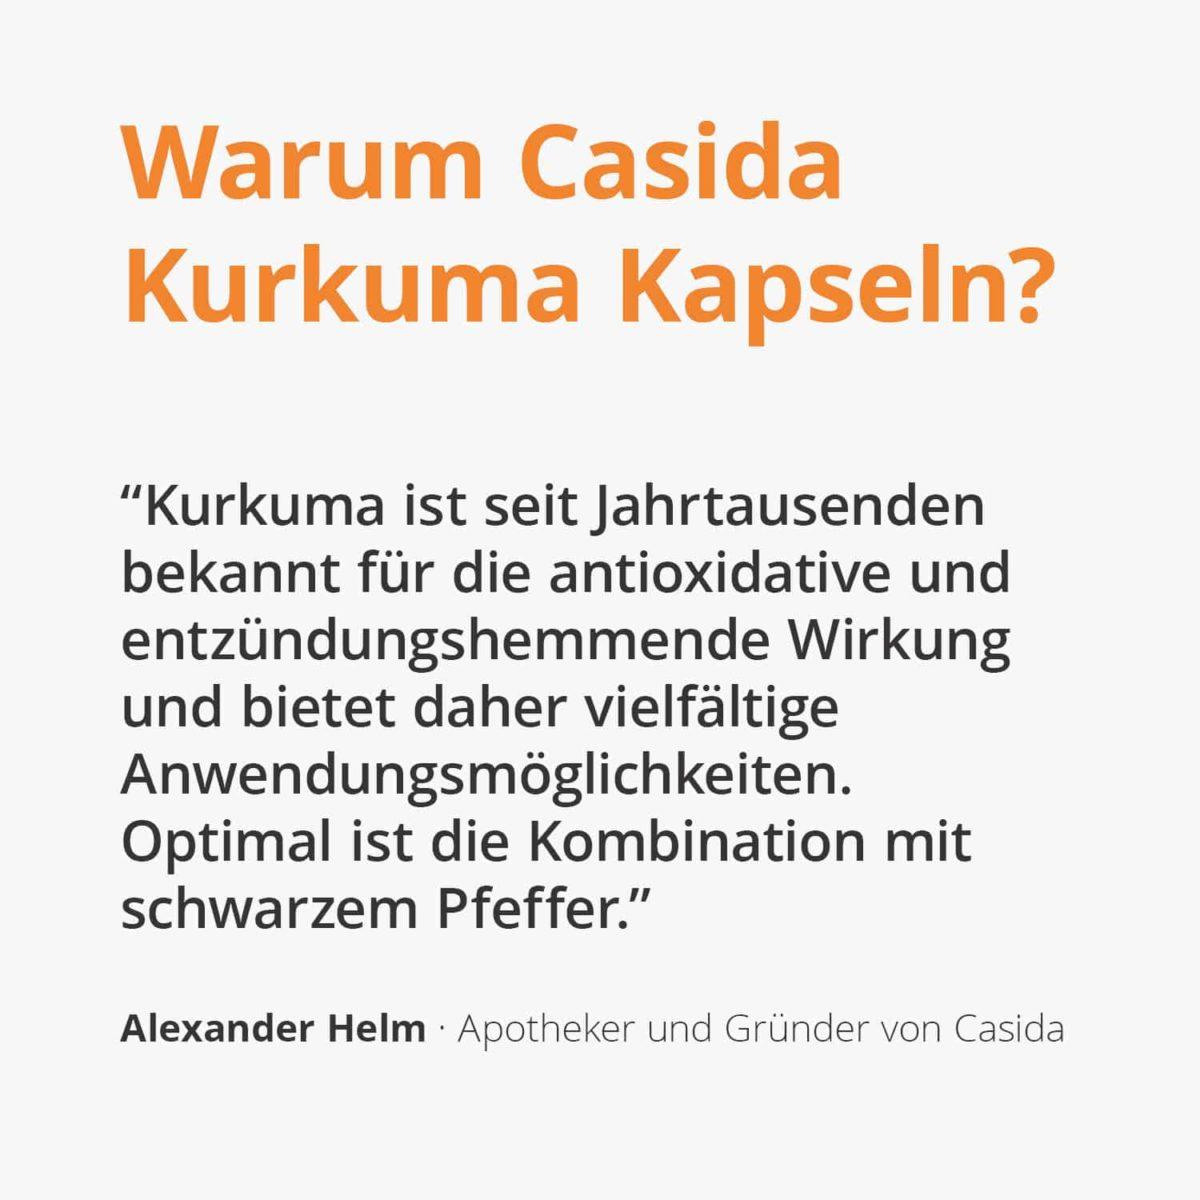 Casida Kurkuma Kapseln – 58 g 16671995 PZN Apotheke Schwarzer Pfeffer Nahrungsergänzung 2 (2)